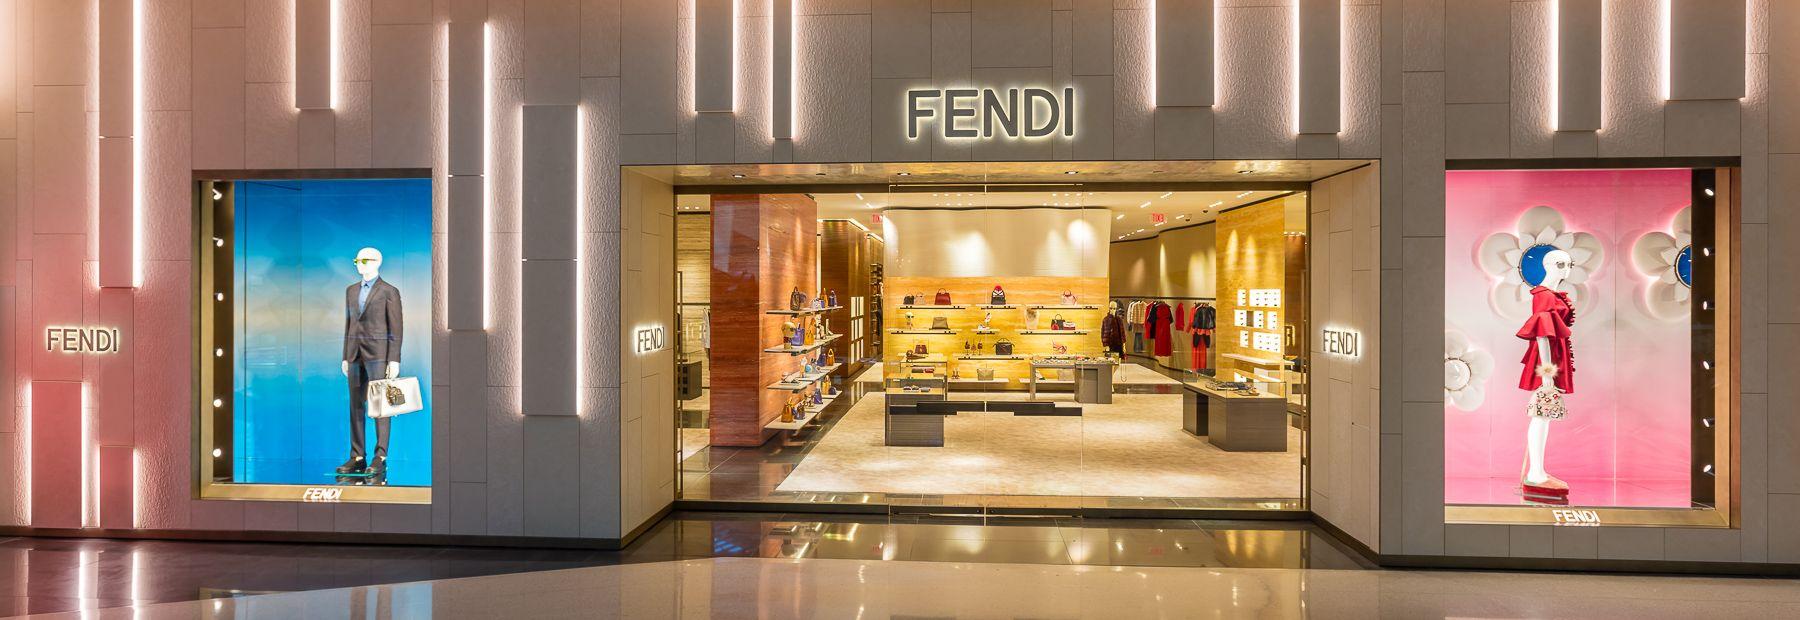 FENDI LV-7918.jpg